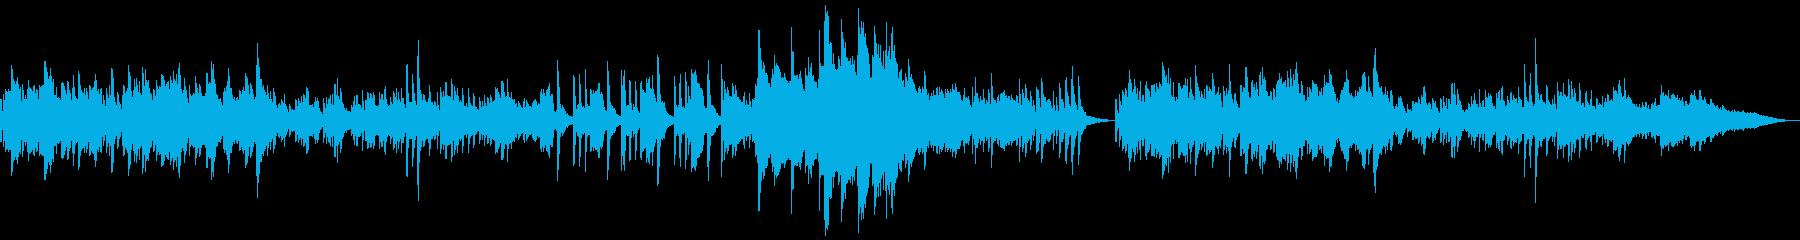 落ち着く雰囲気のBGMの再生済みの波形